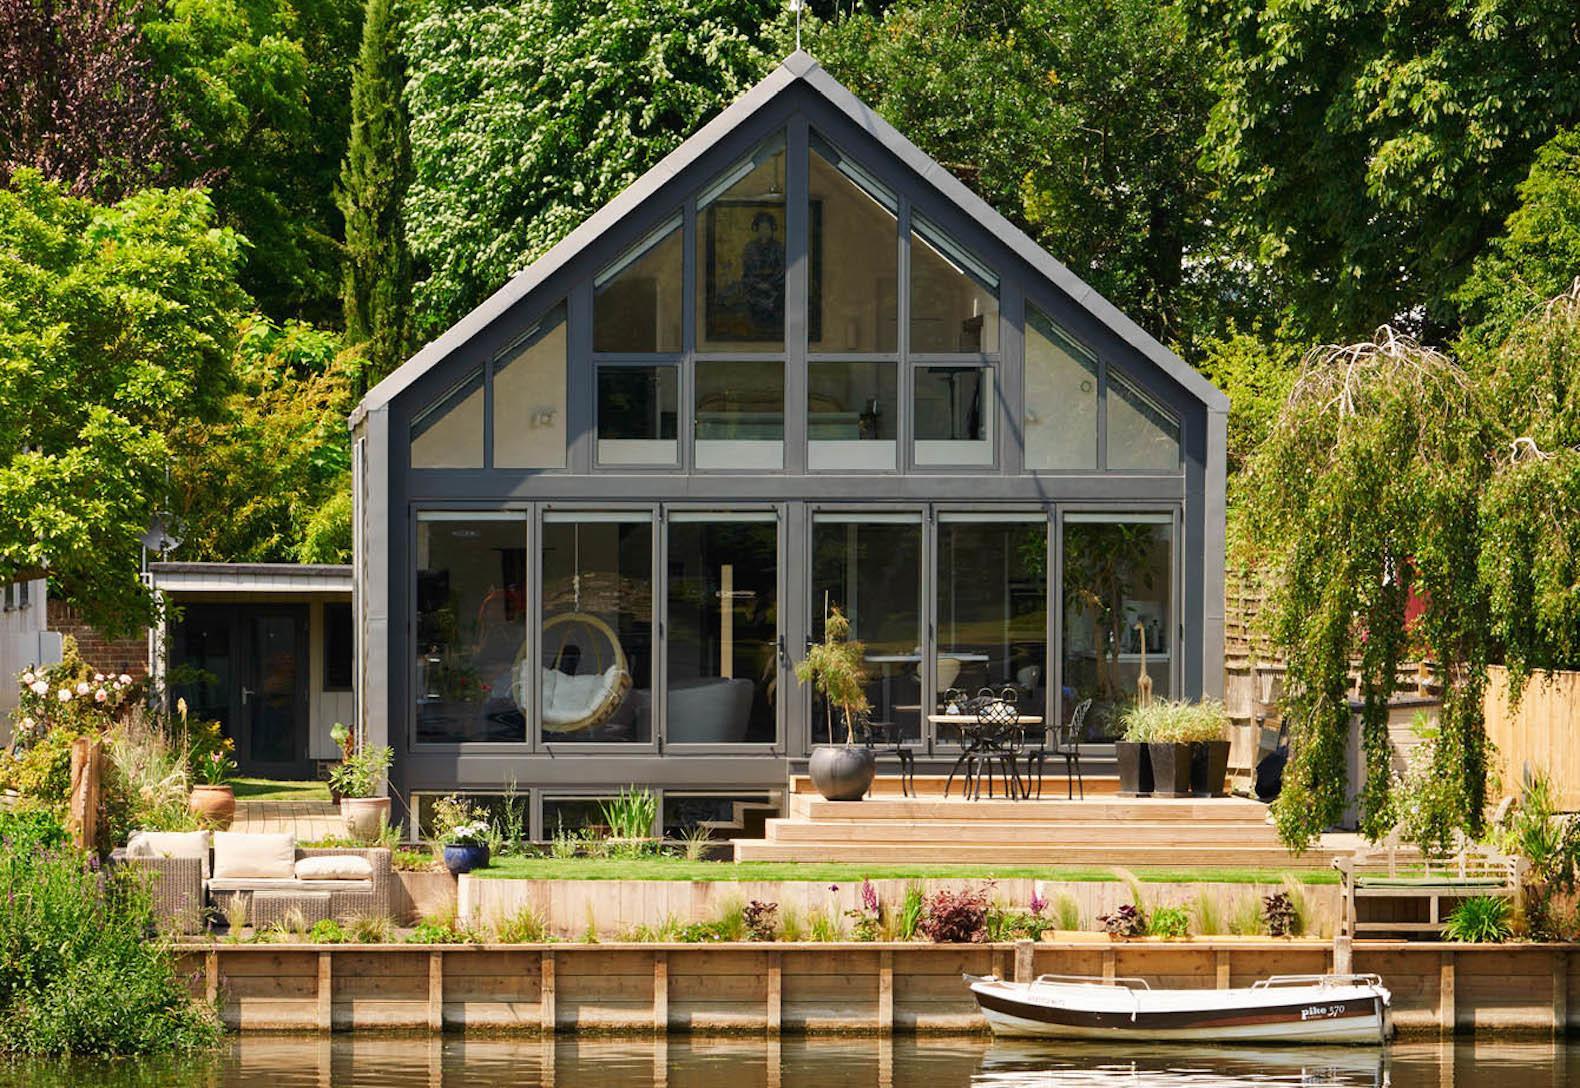 Thế giới chống lũ lụt hiệu quả với 6 mô hình nhà được các kiến trúc sư dày công nghiên cứu - Ảnh 2.